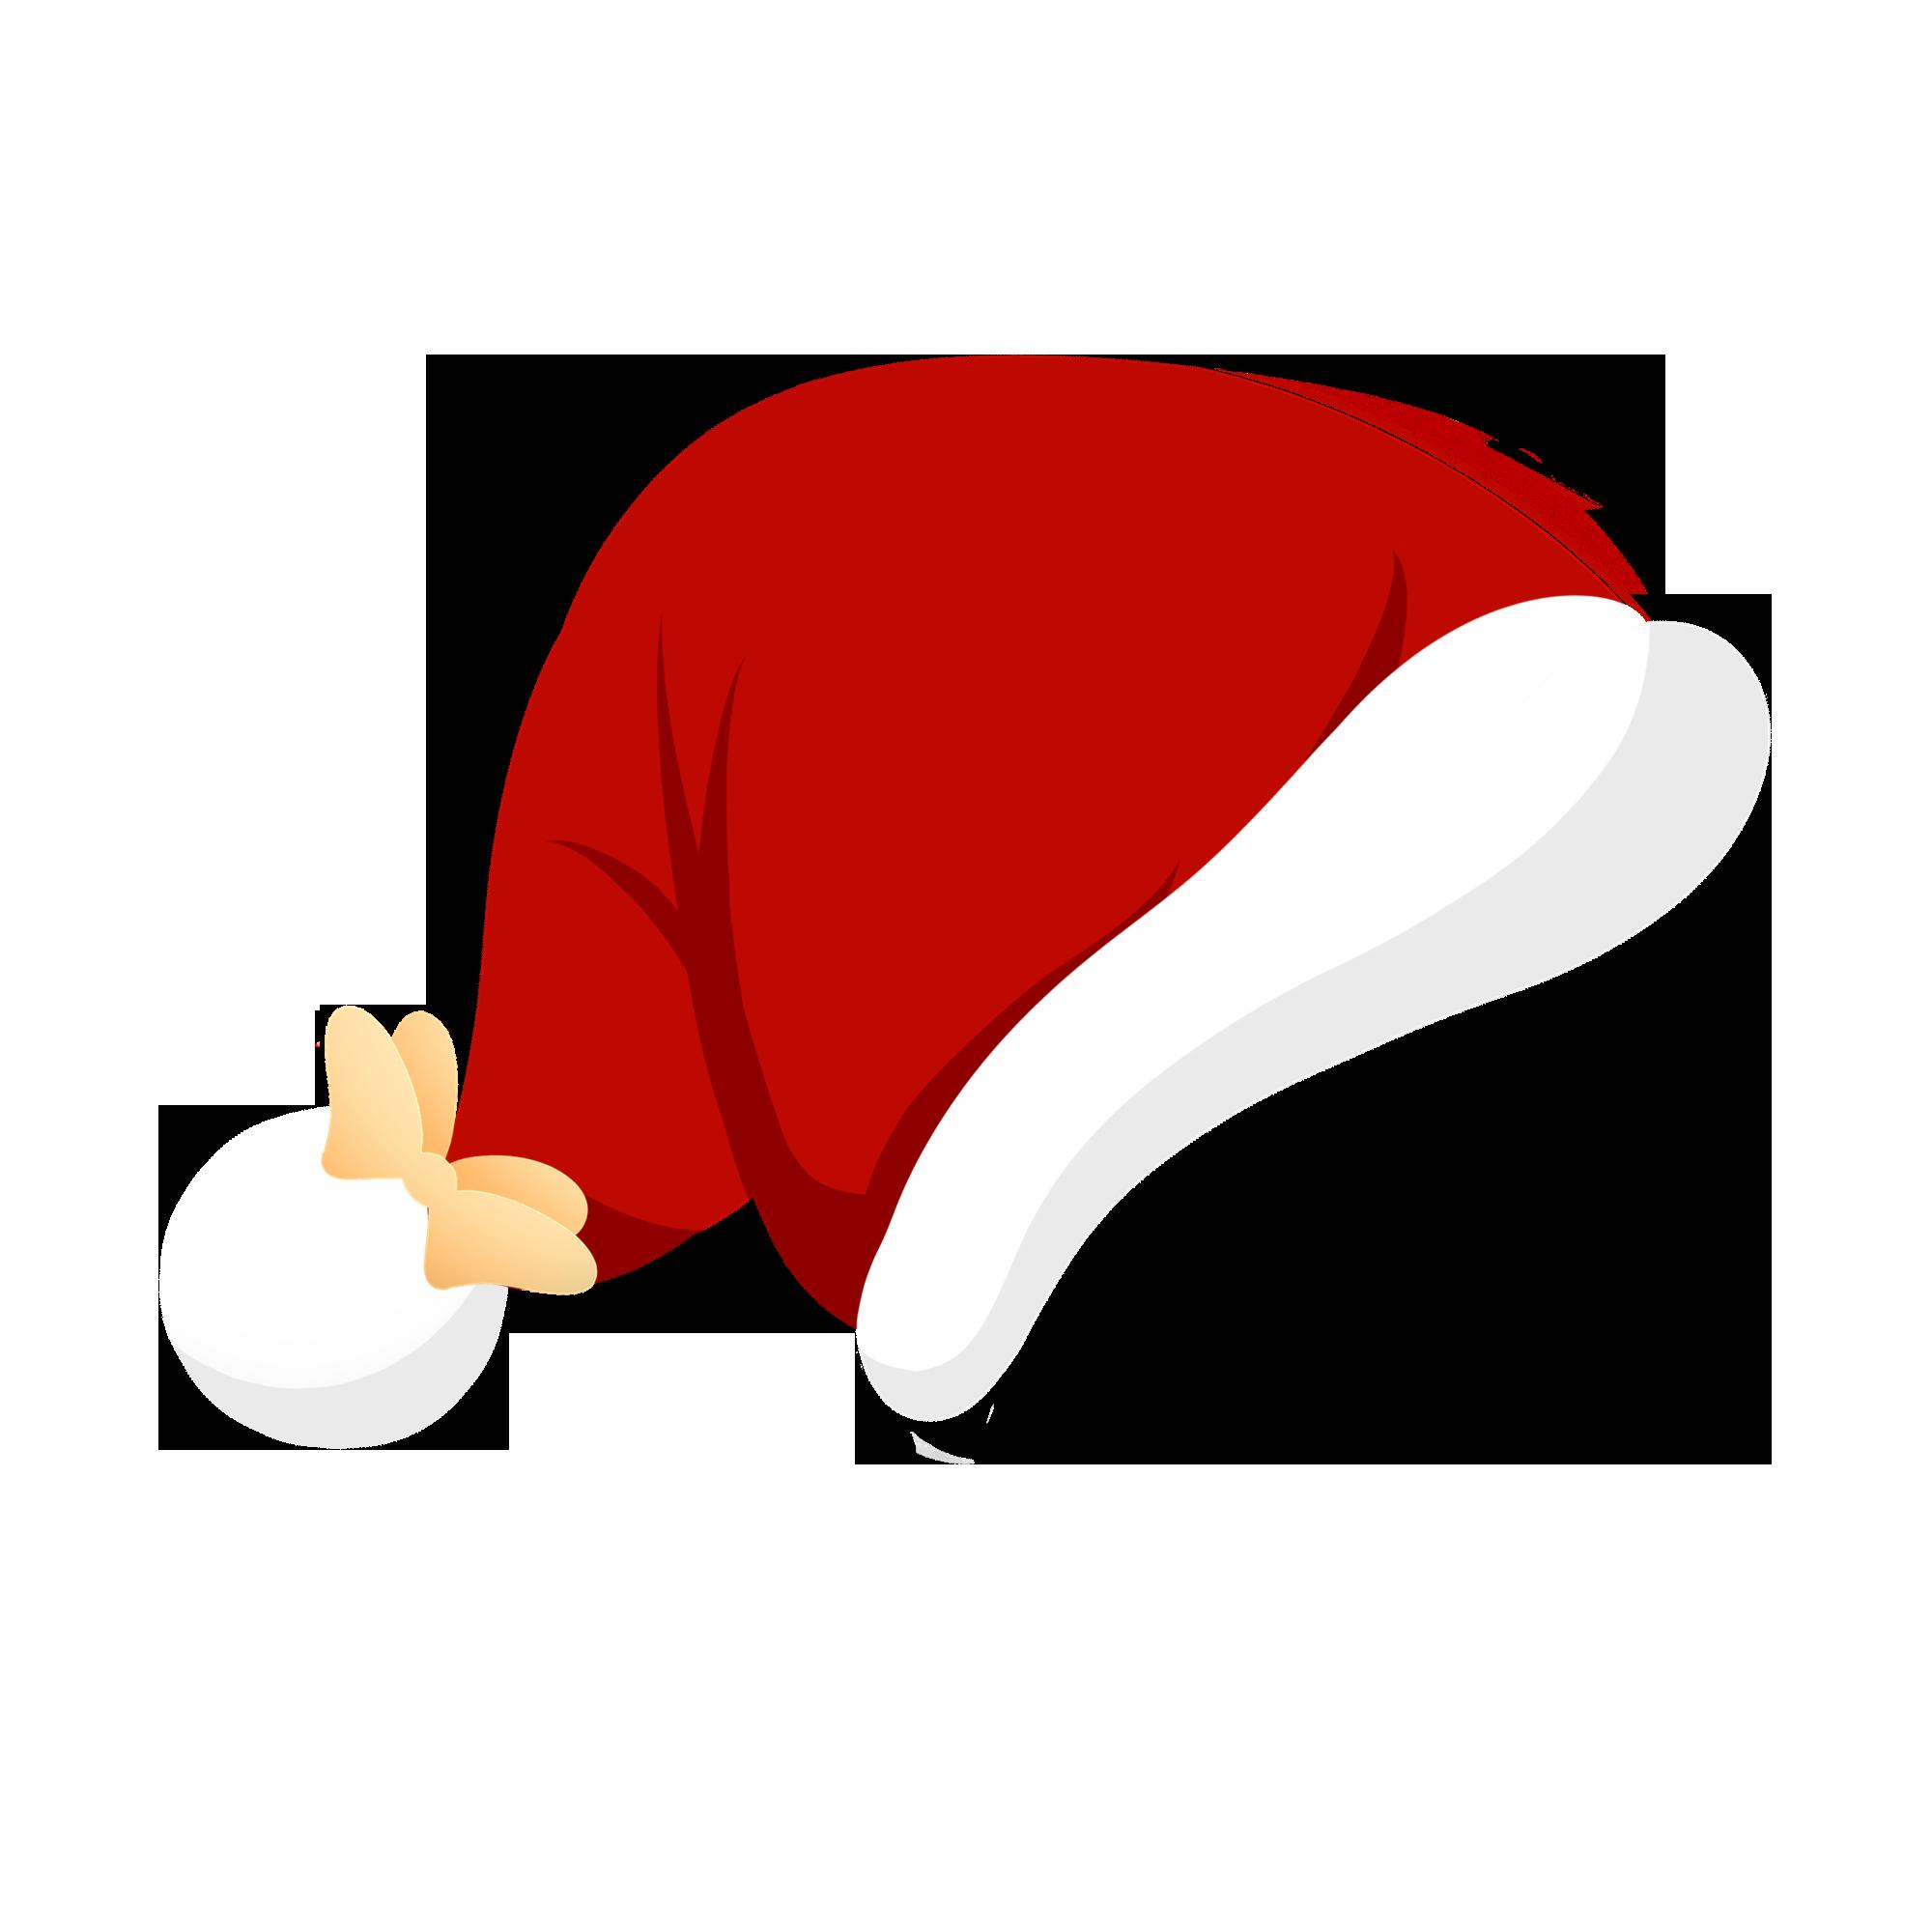 圣诞帽头像生成